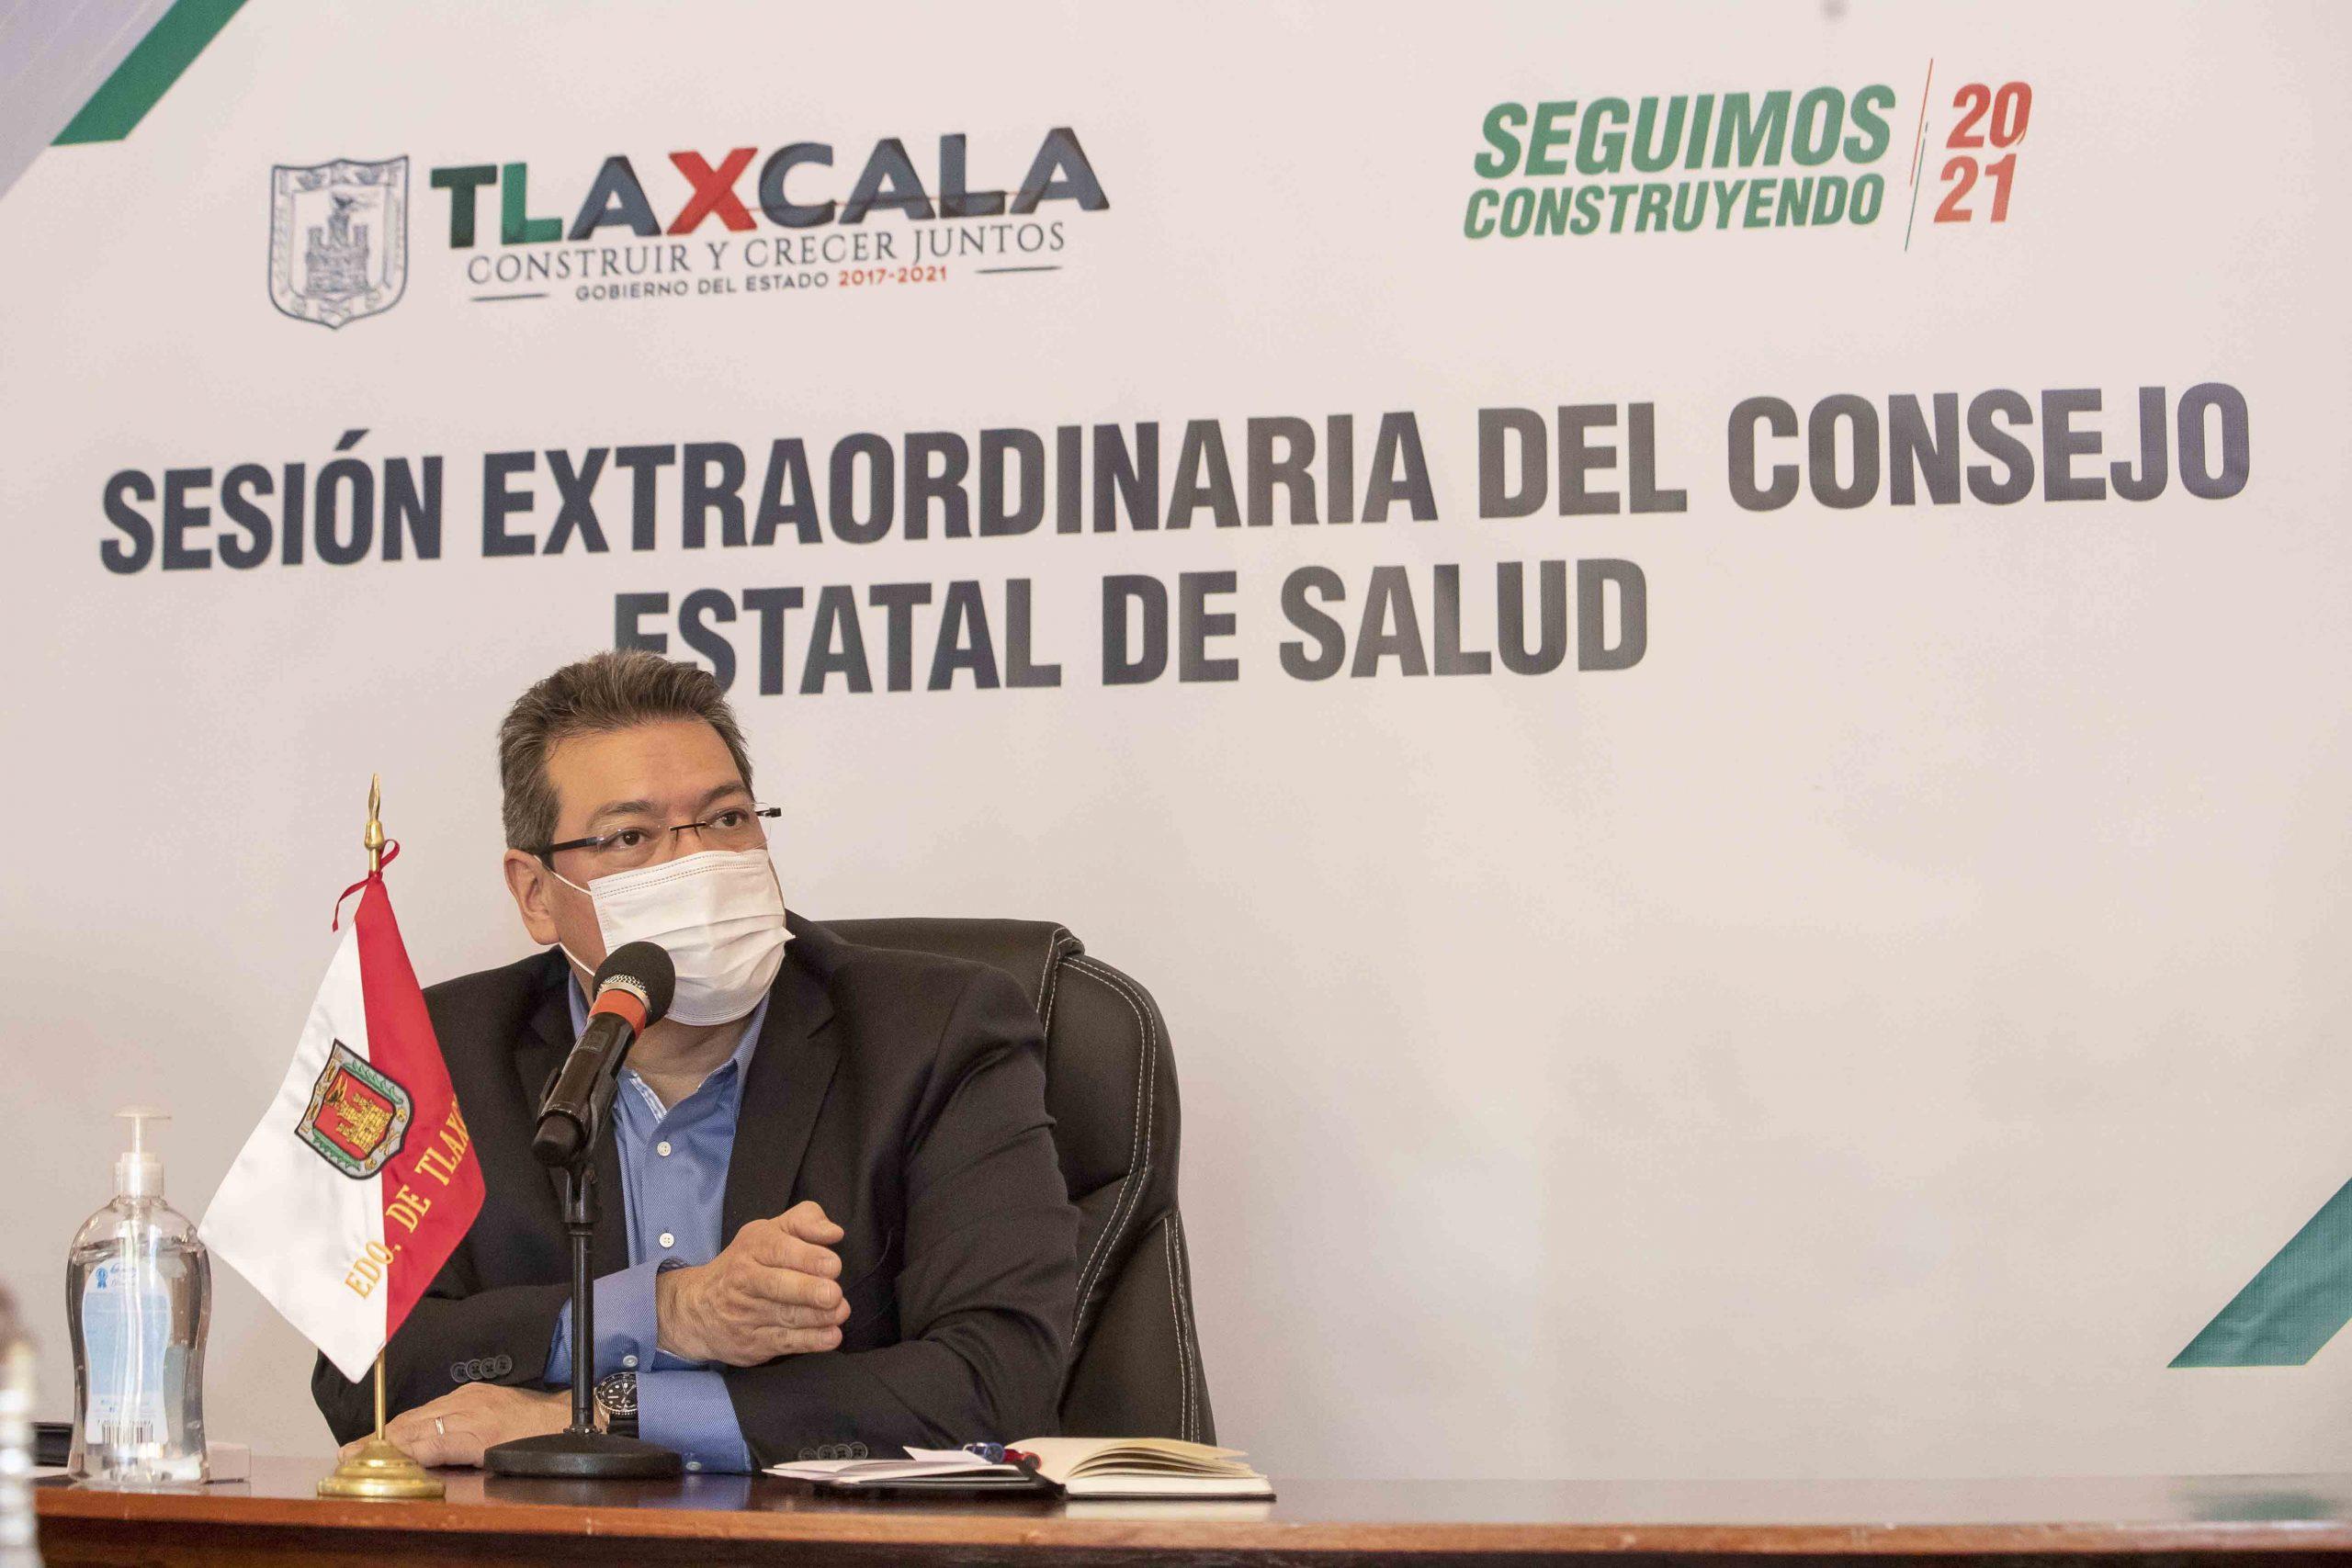 Desde Tlaxcala: Consejo Estatal de Salud anuncia medidas adicionales para contener contagios de Covid-19.